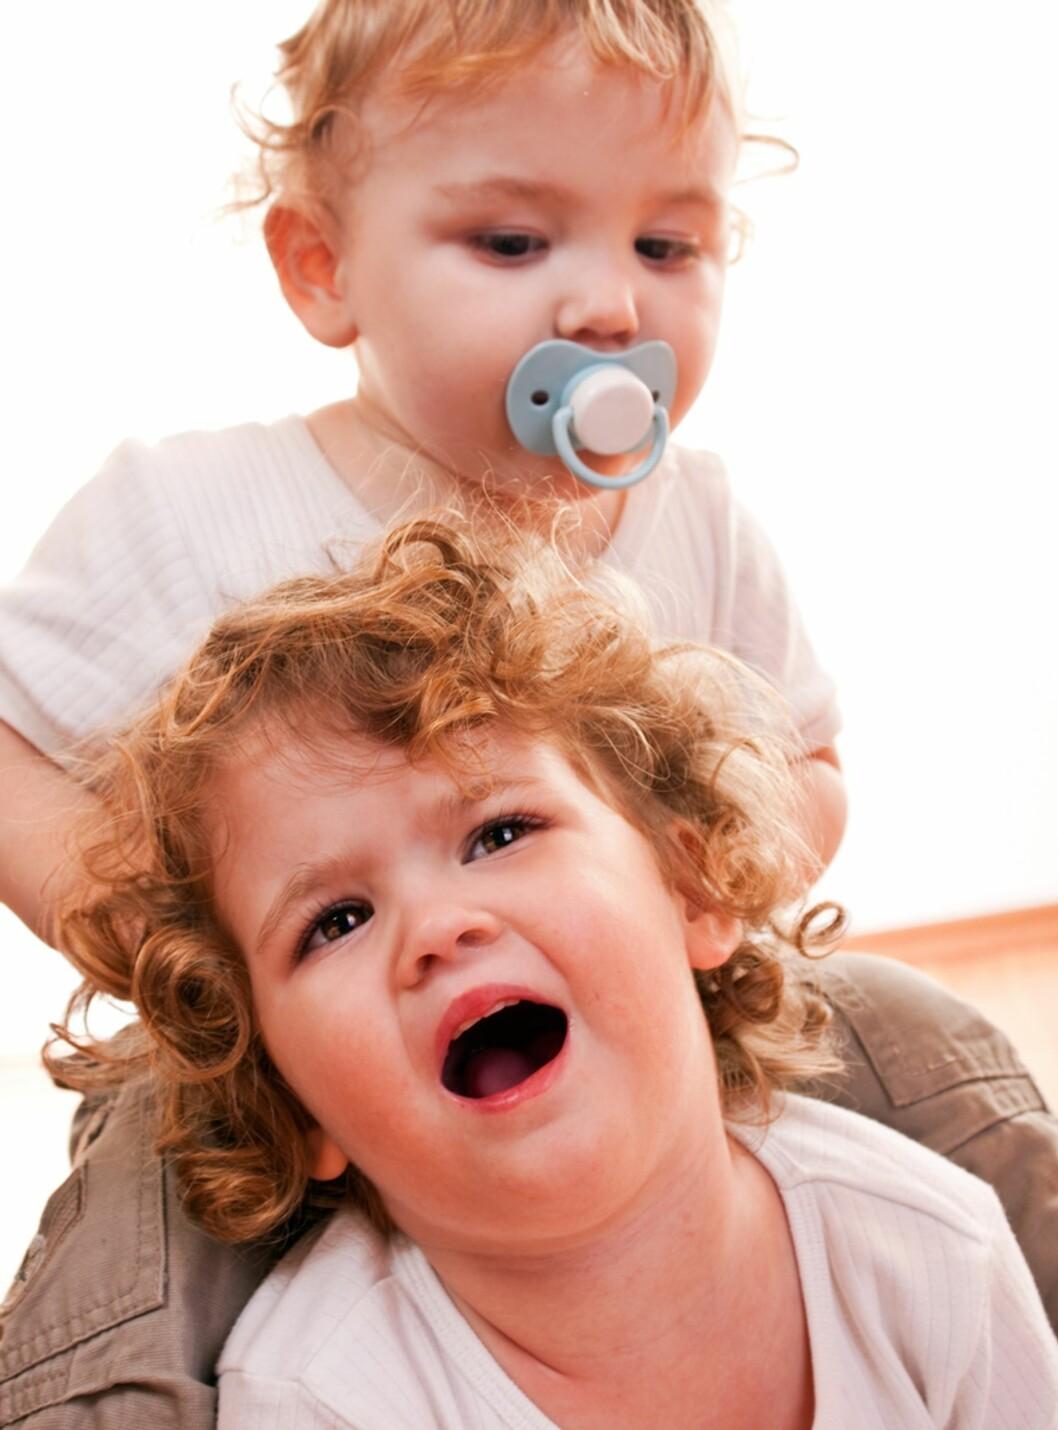 I KAMPENS HETE: Når ordene ikke strekker til, kan de minste barna ty til biting. Foto: Shutterstock